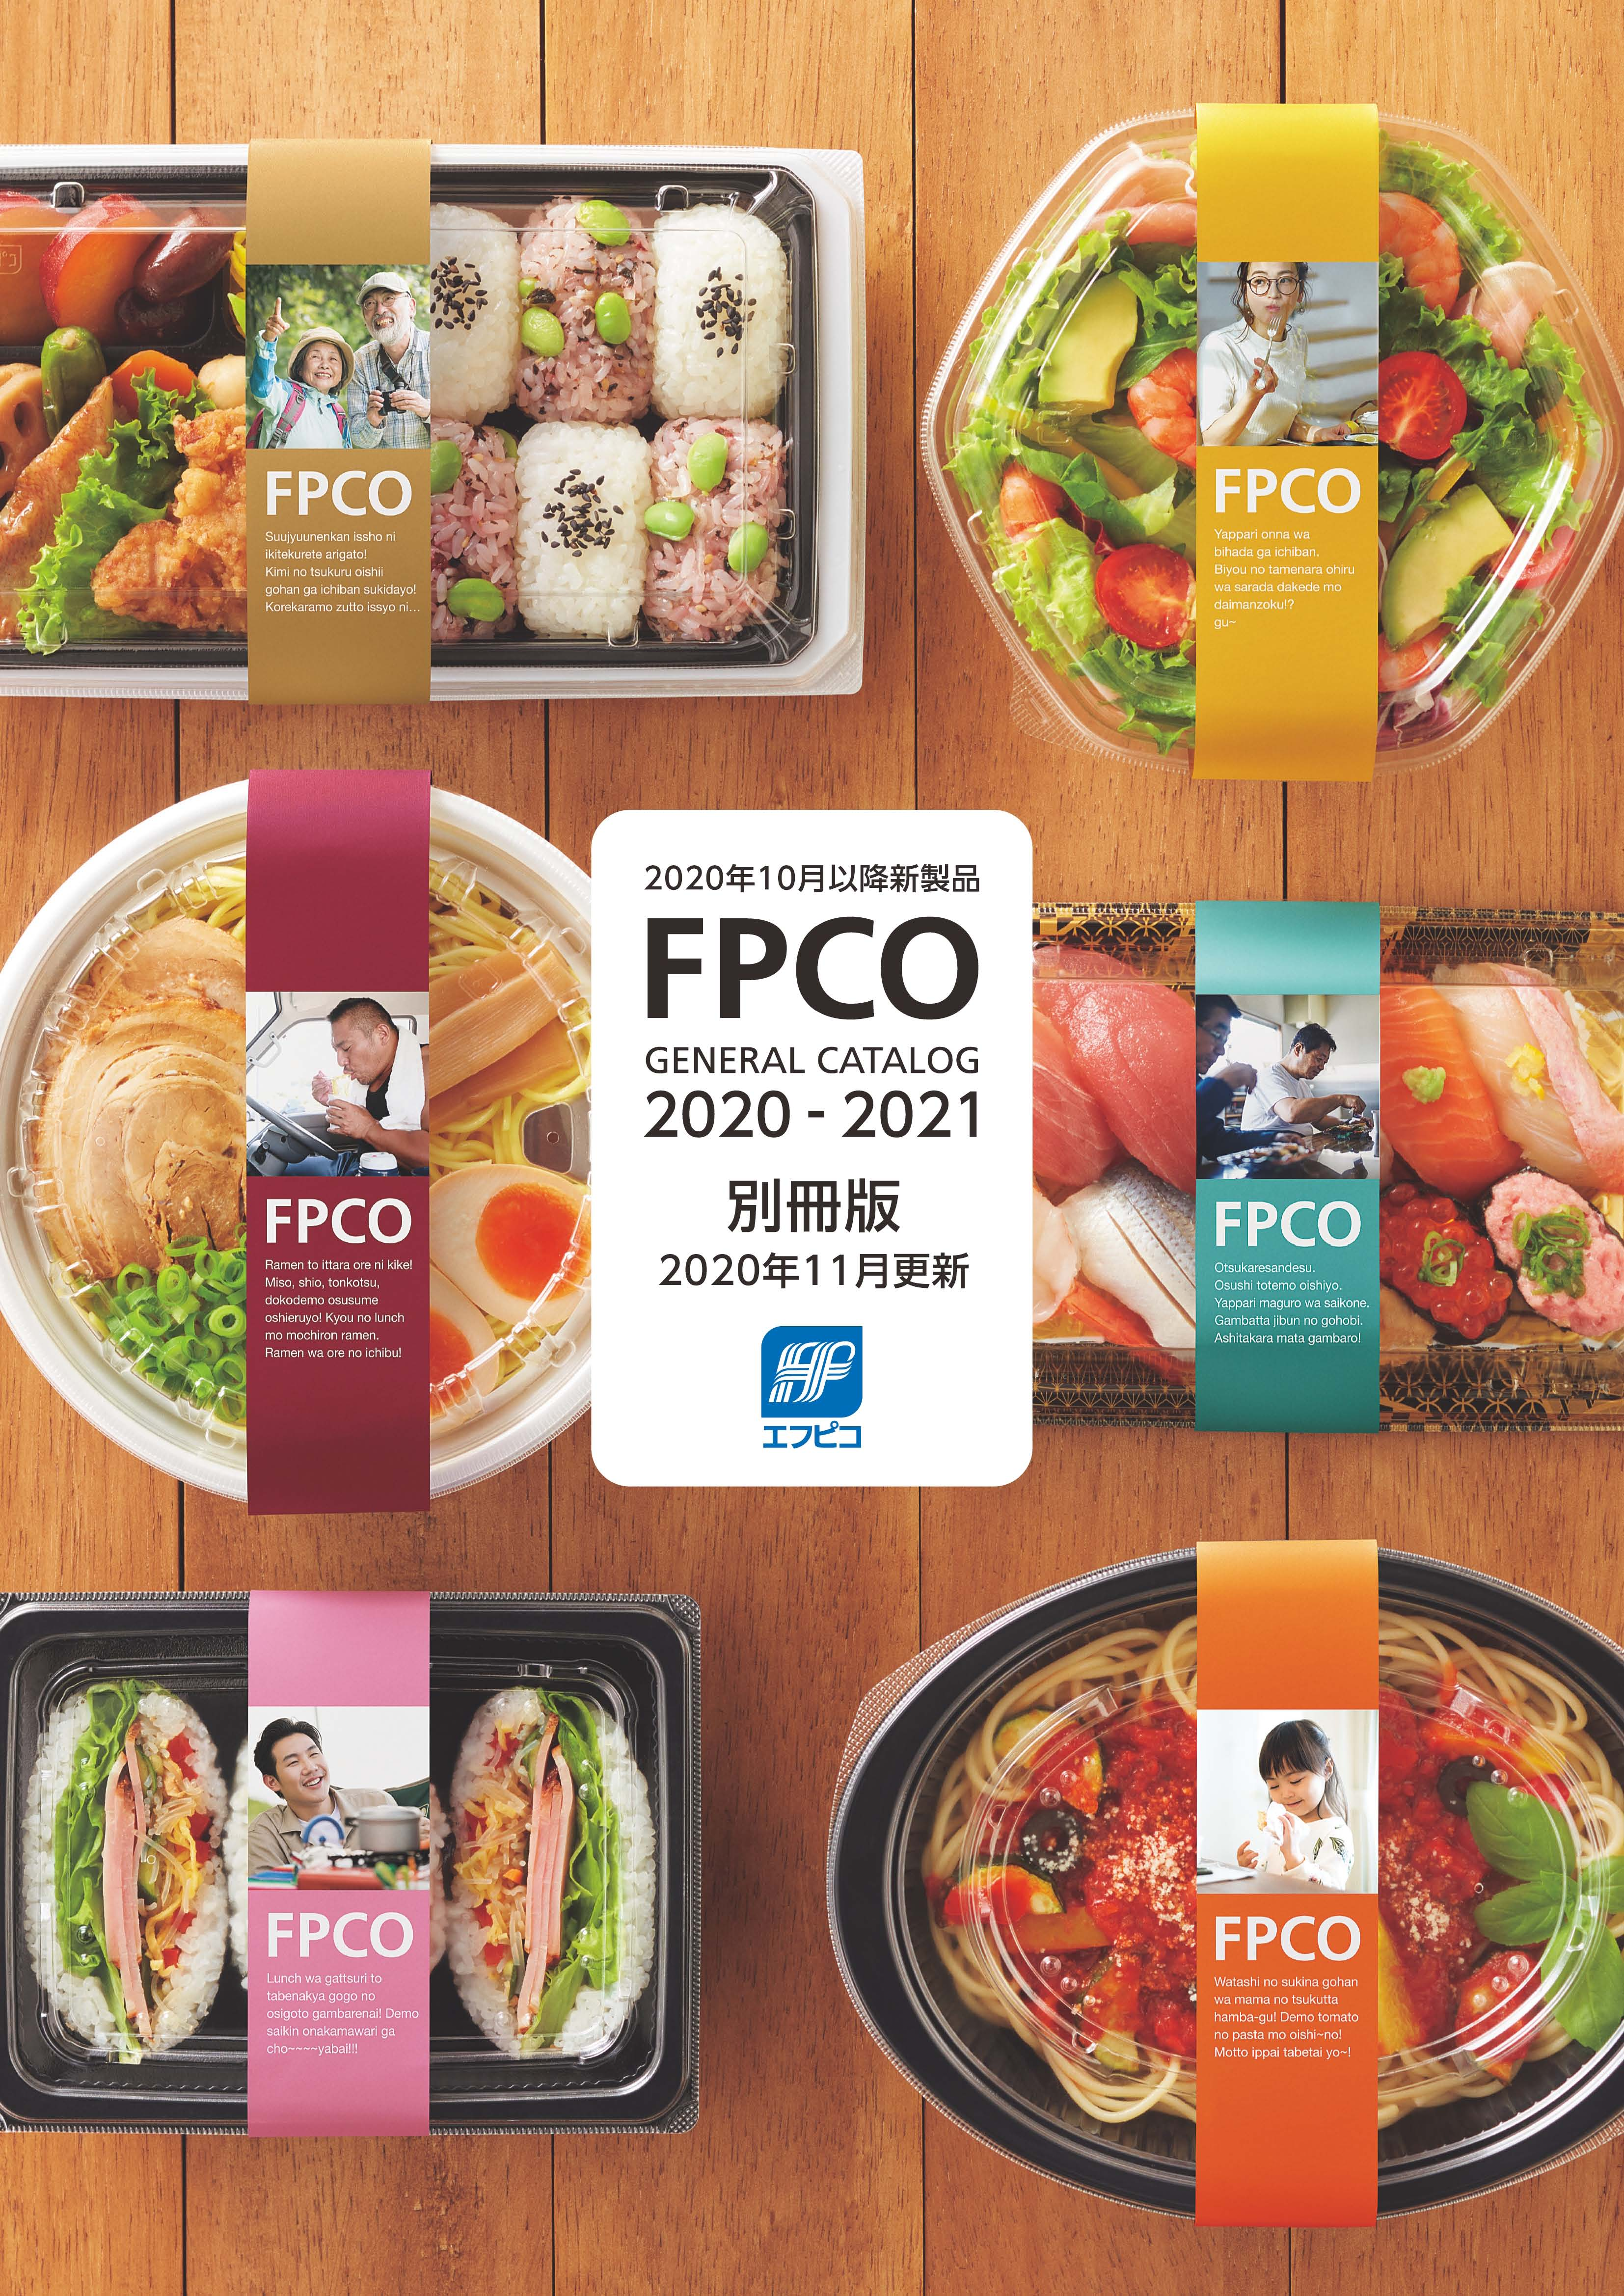 【製品カタログ】2020-2021別冊カタログ(11月追加)